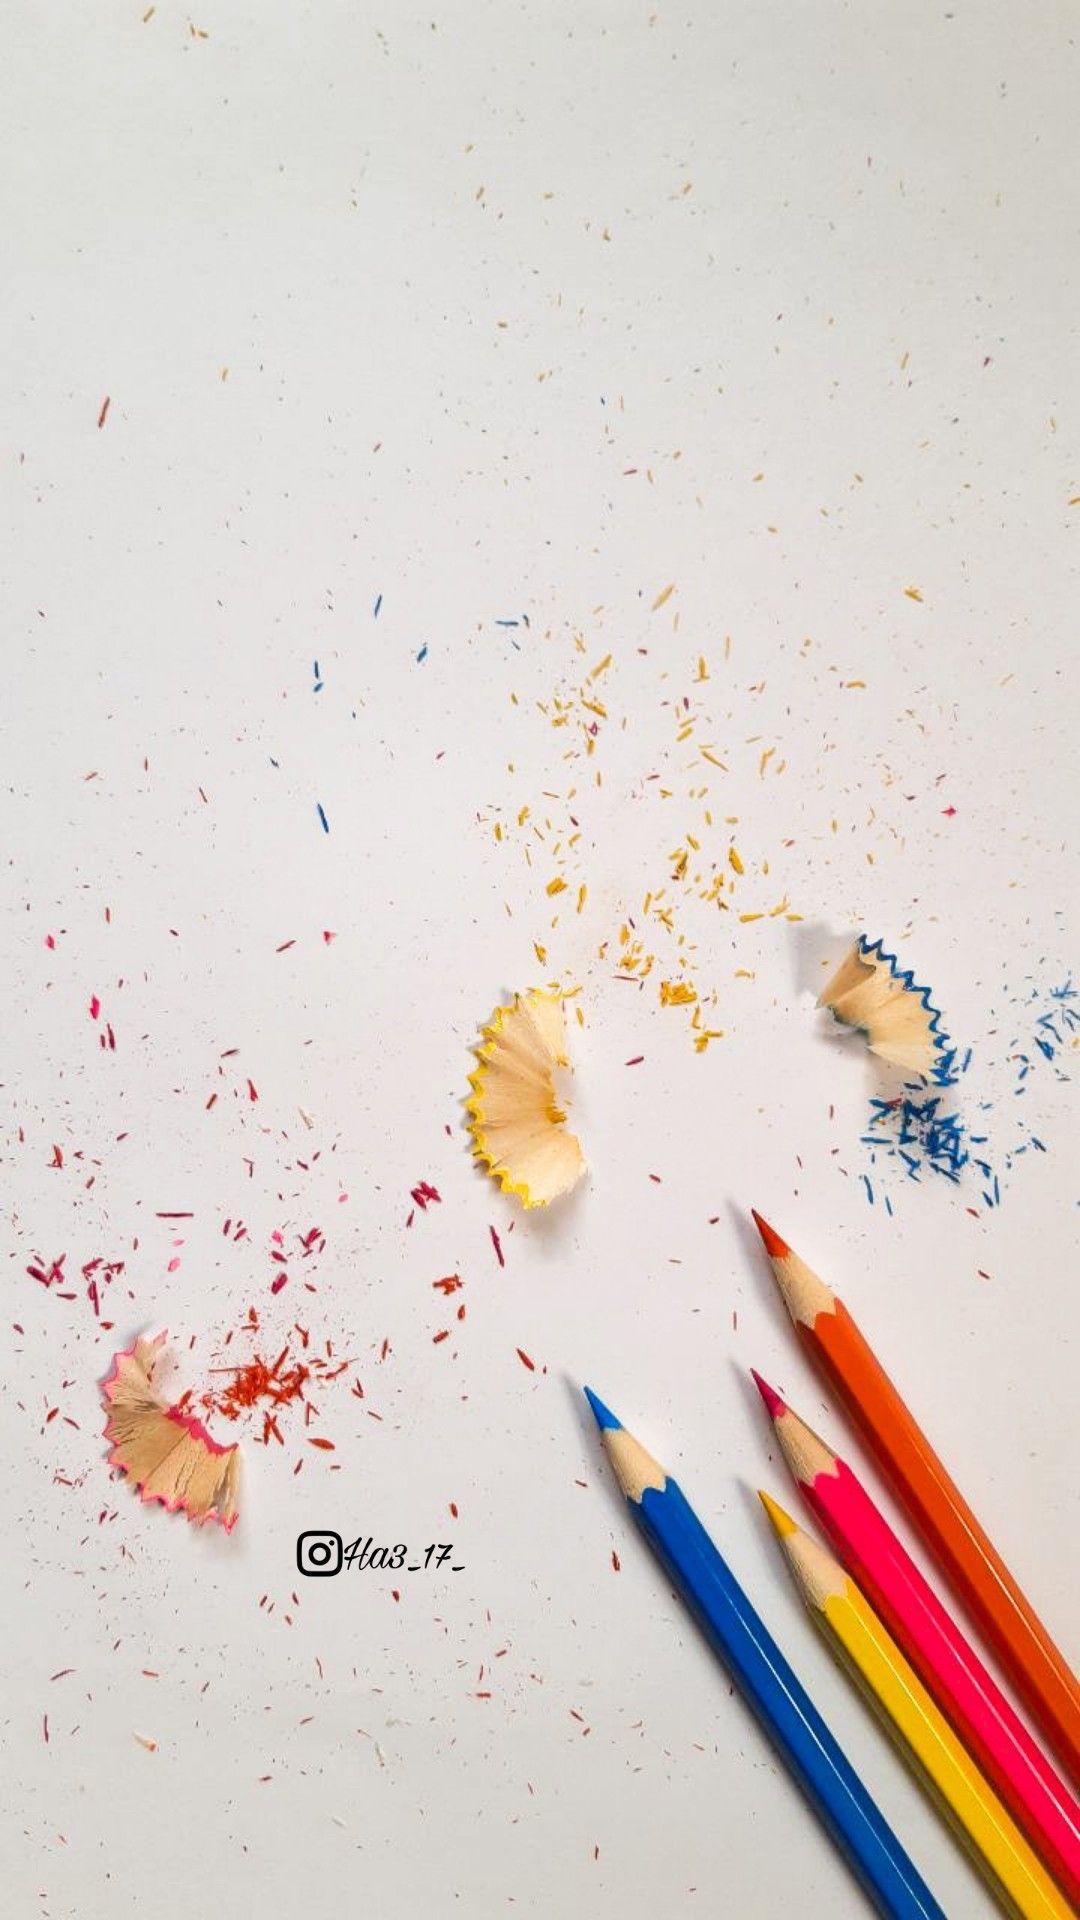 اقلام تلوين افكار تصوير كيوت Pencil Supplies